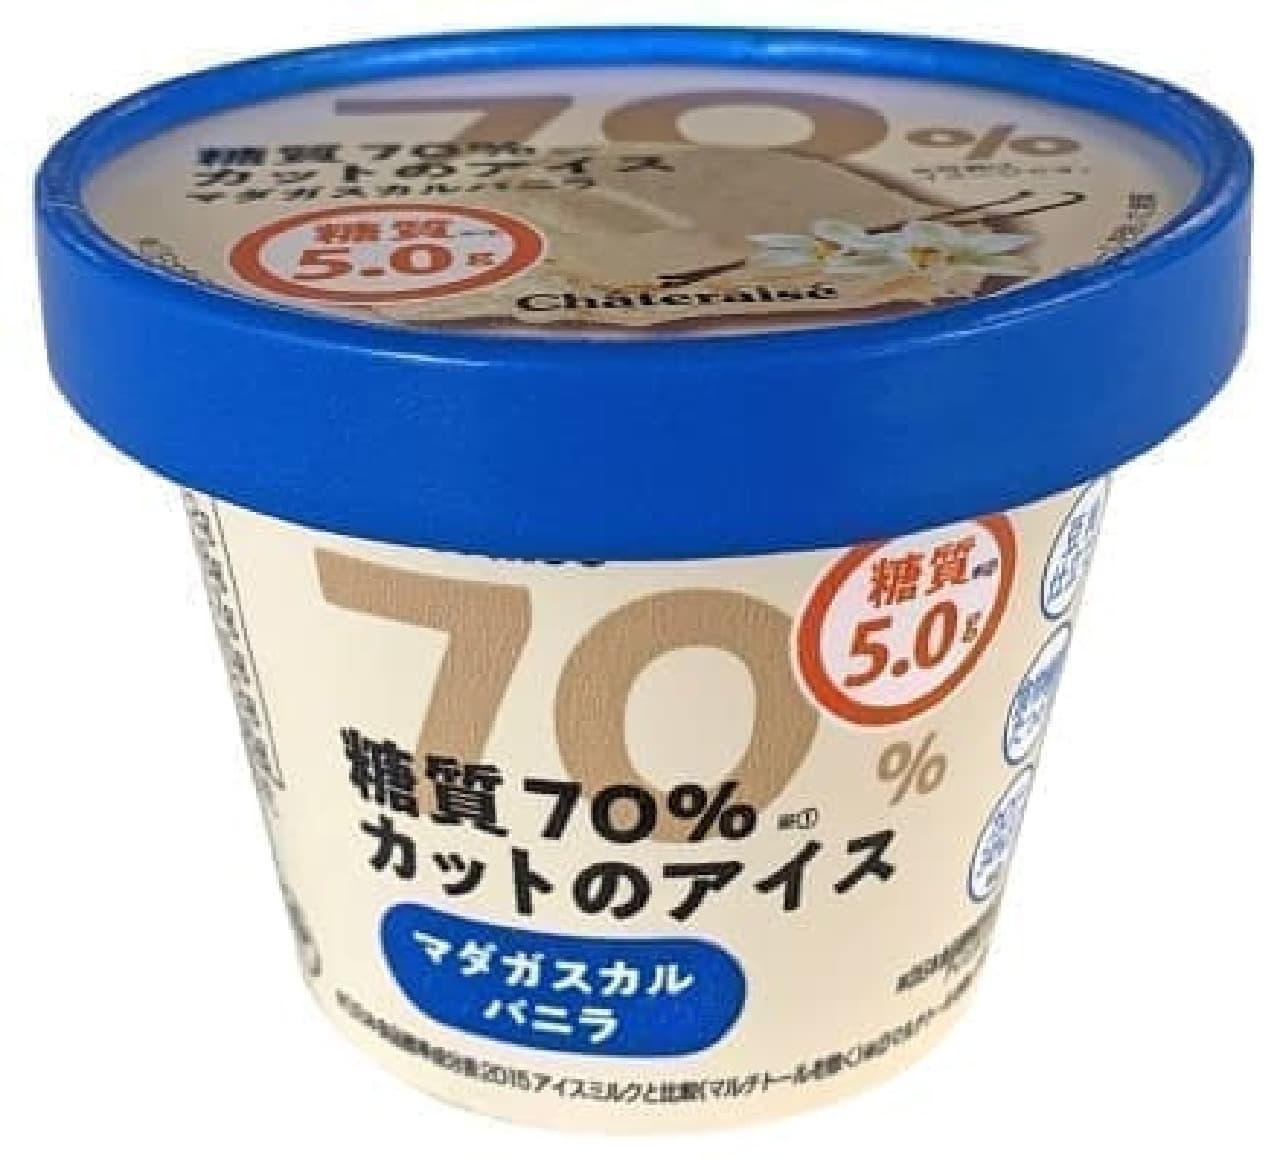 シャトレーゼ「糖質70%カットのアイス」